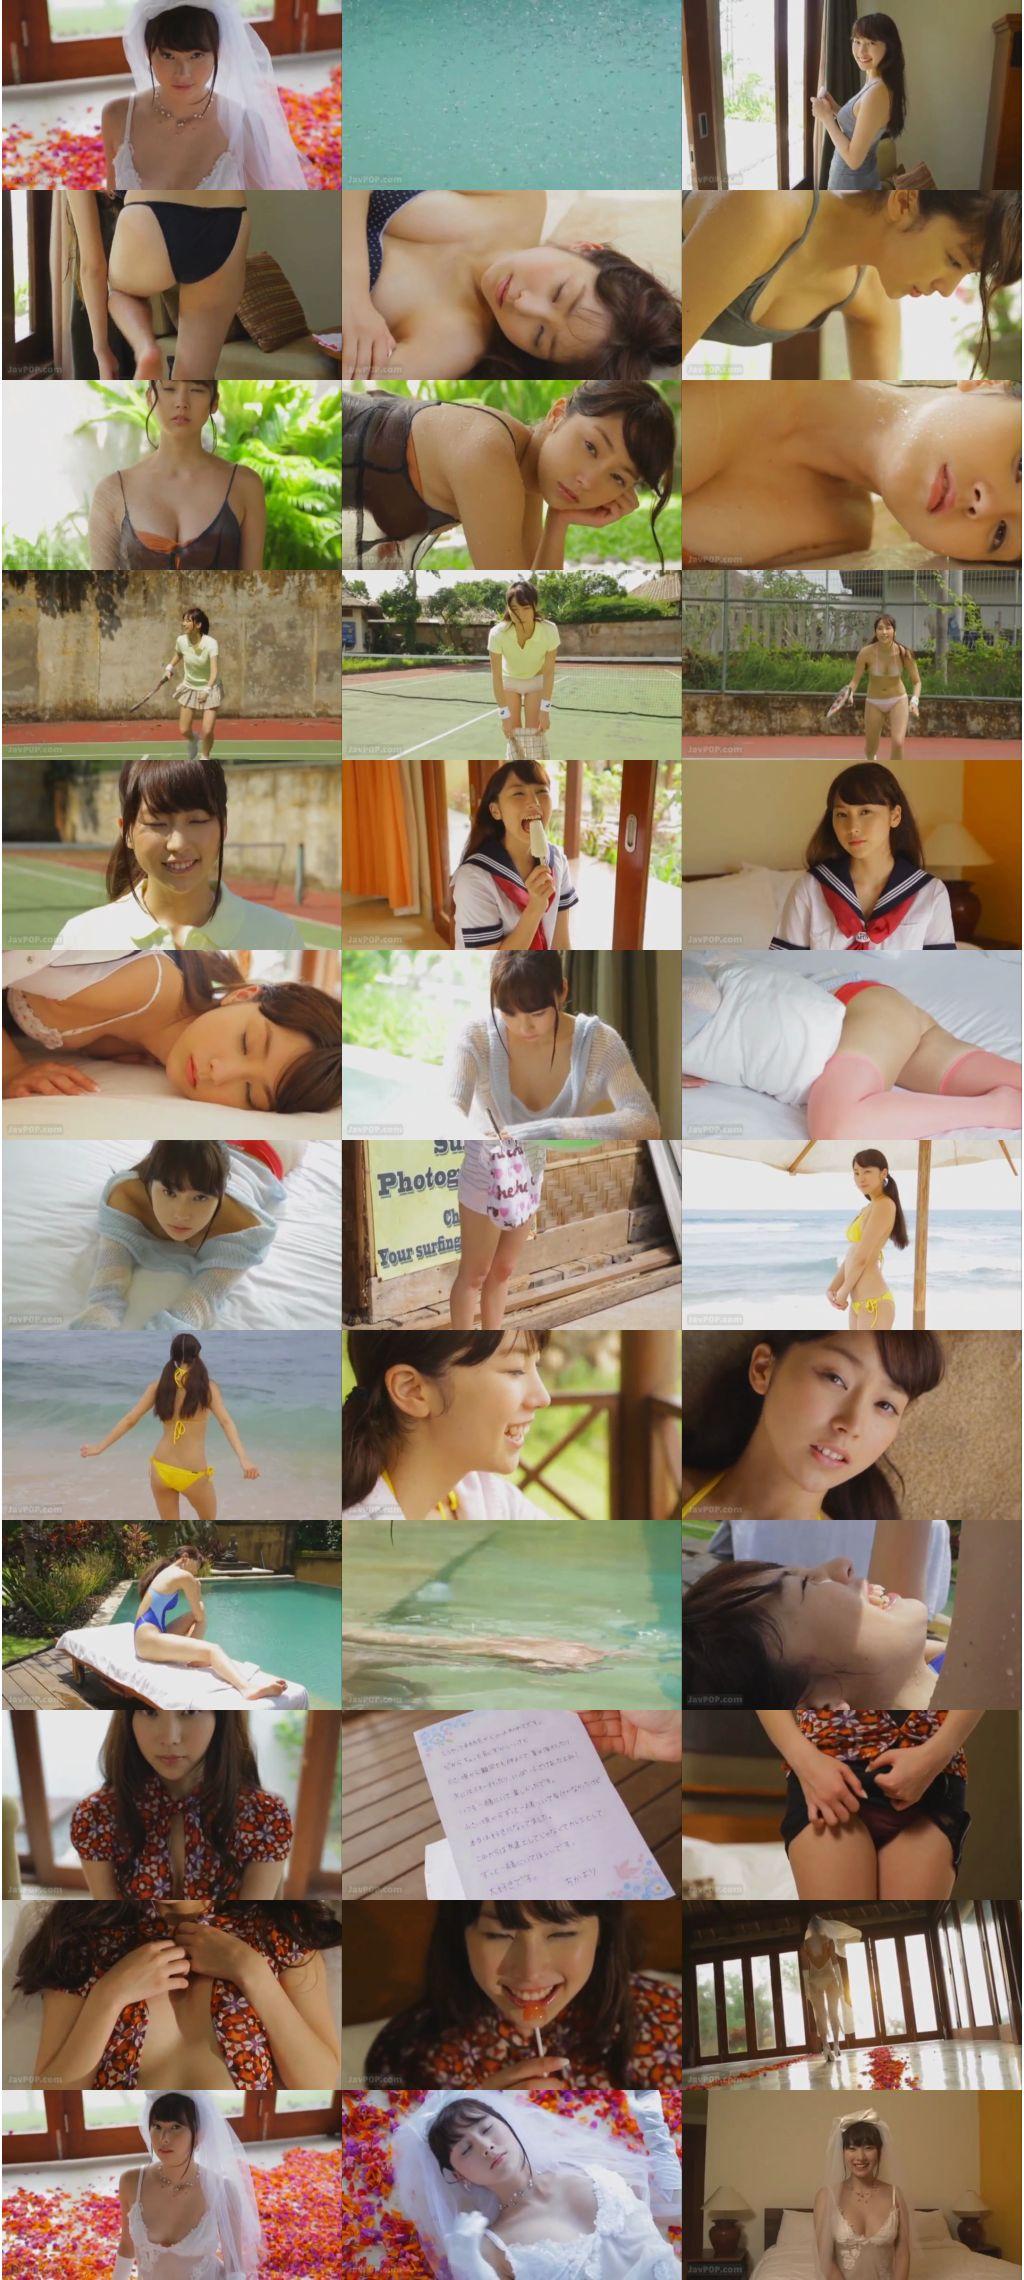 lpfd 272 chika ojima s - [LPFD-272] 尾島知佳 Chika Ojima – 19~nineteen~